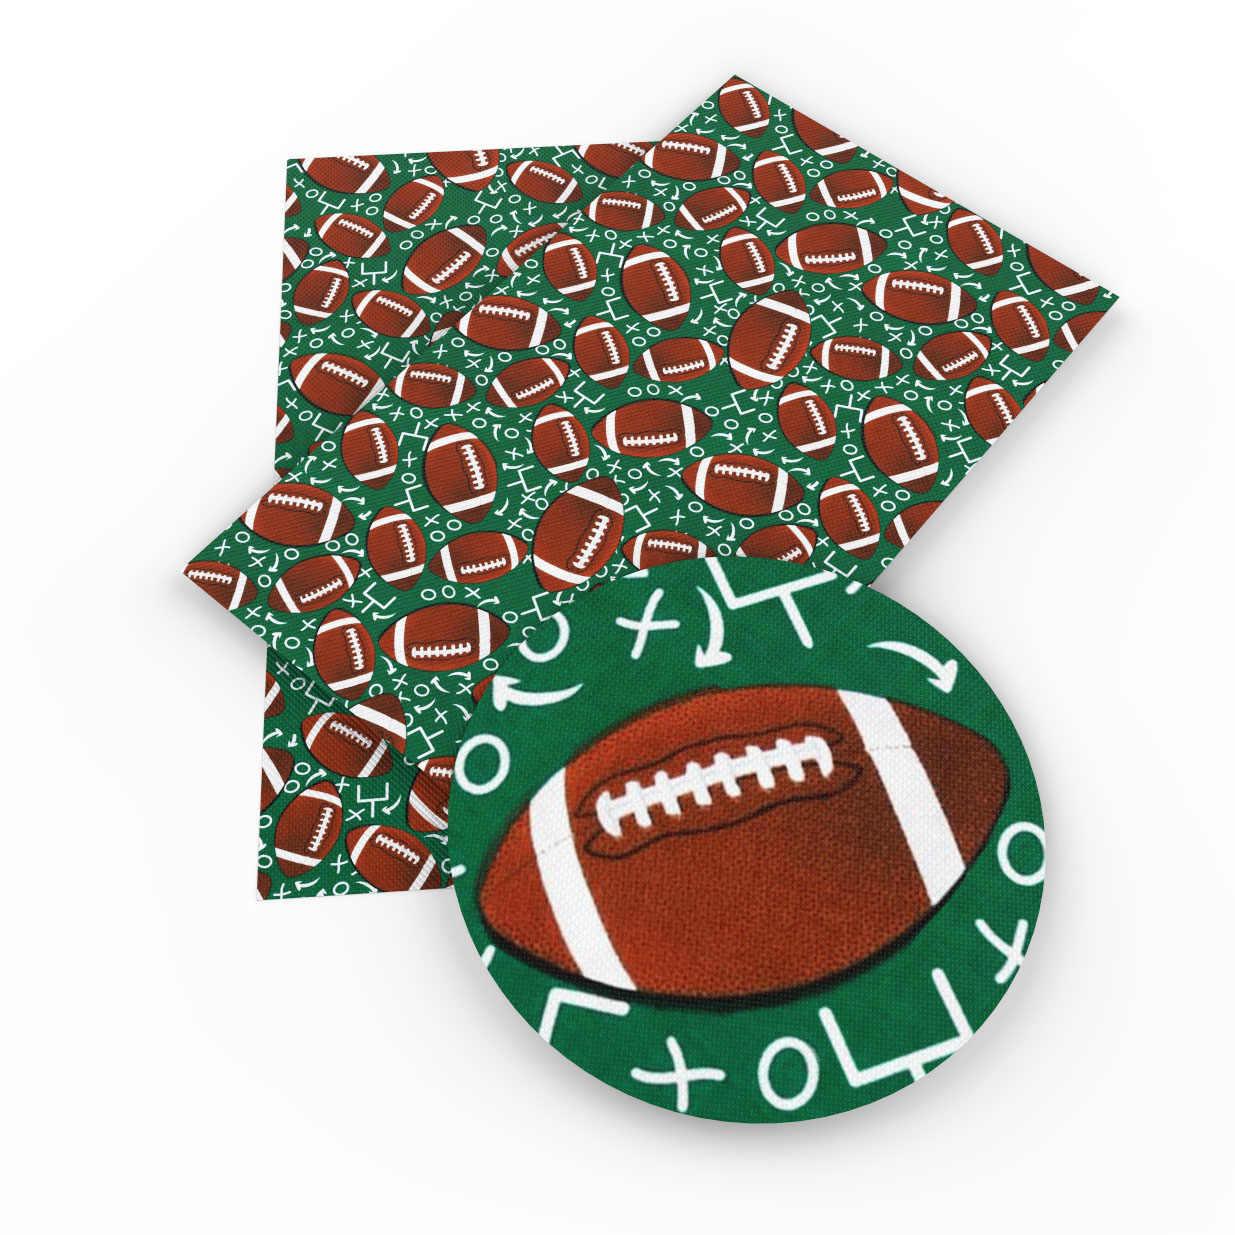 David Angie 20*34cm deporte fútbol baloncesto piel sintética falsa tela de Knotbow bolsas decoración artesanía 1Yc3574